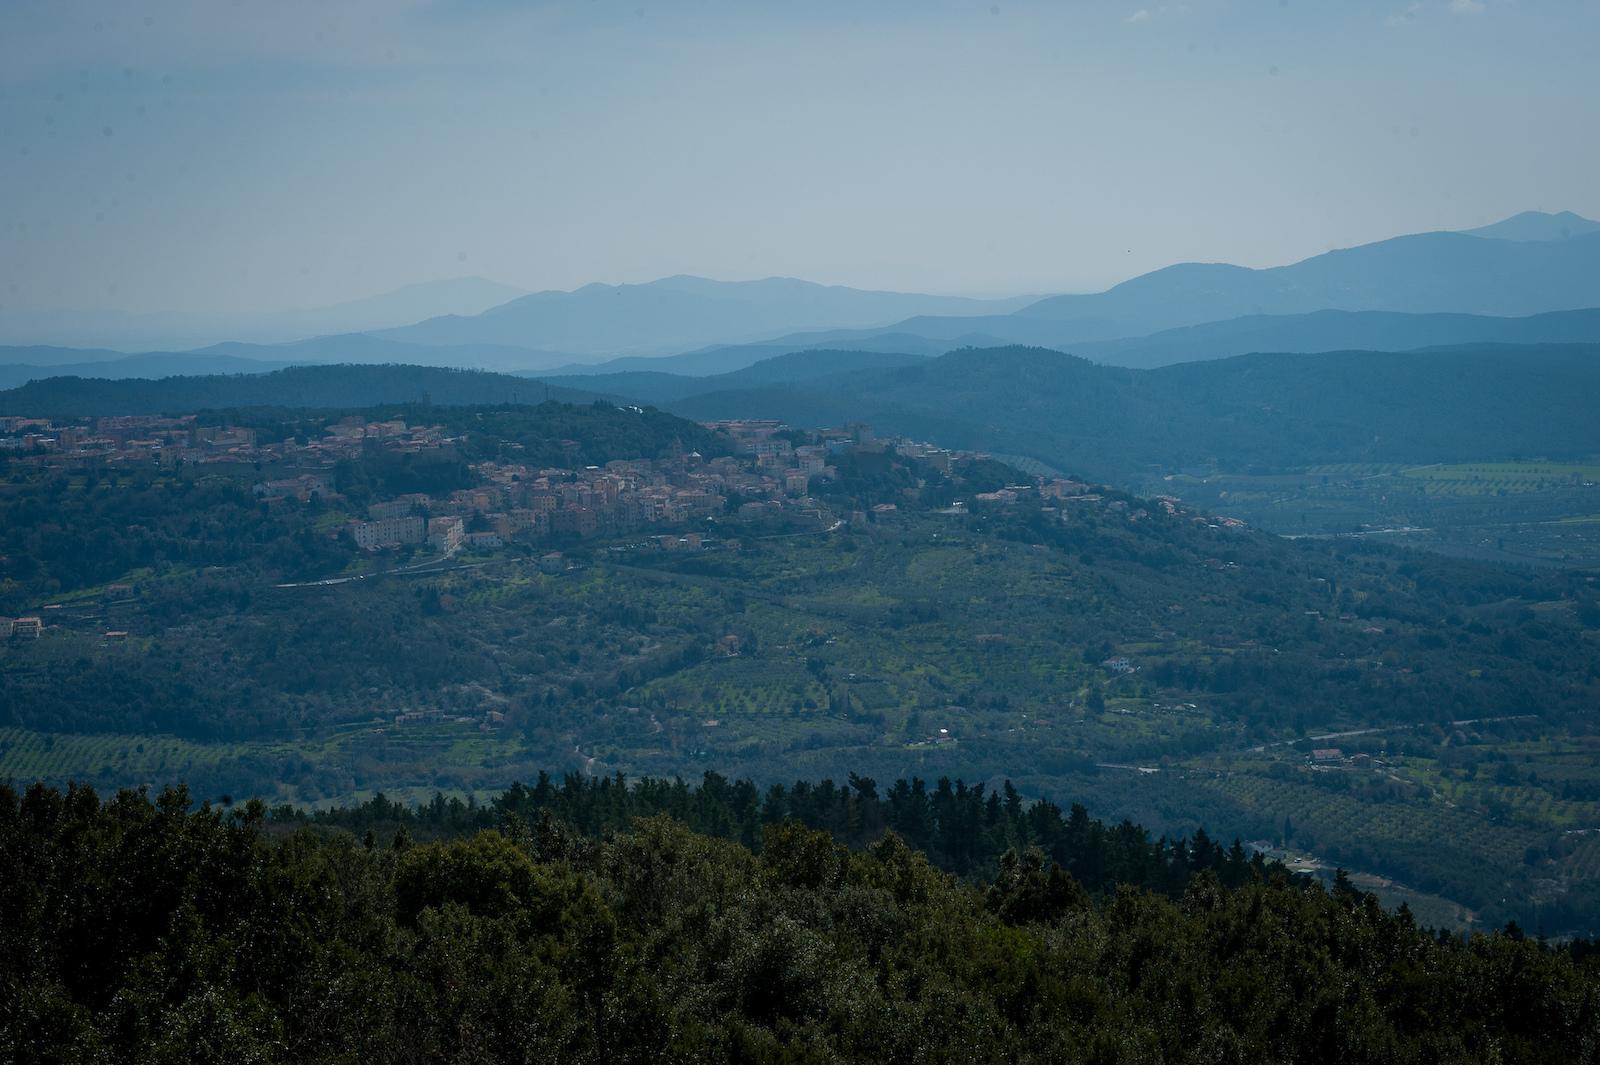 Stunning greenery and rolling hills surrounding Massa Marittima.